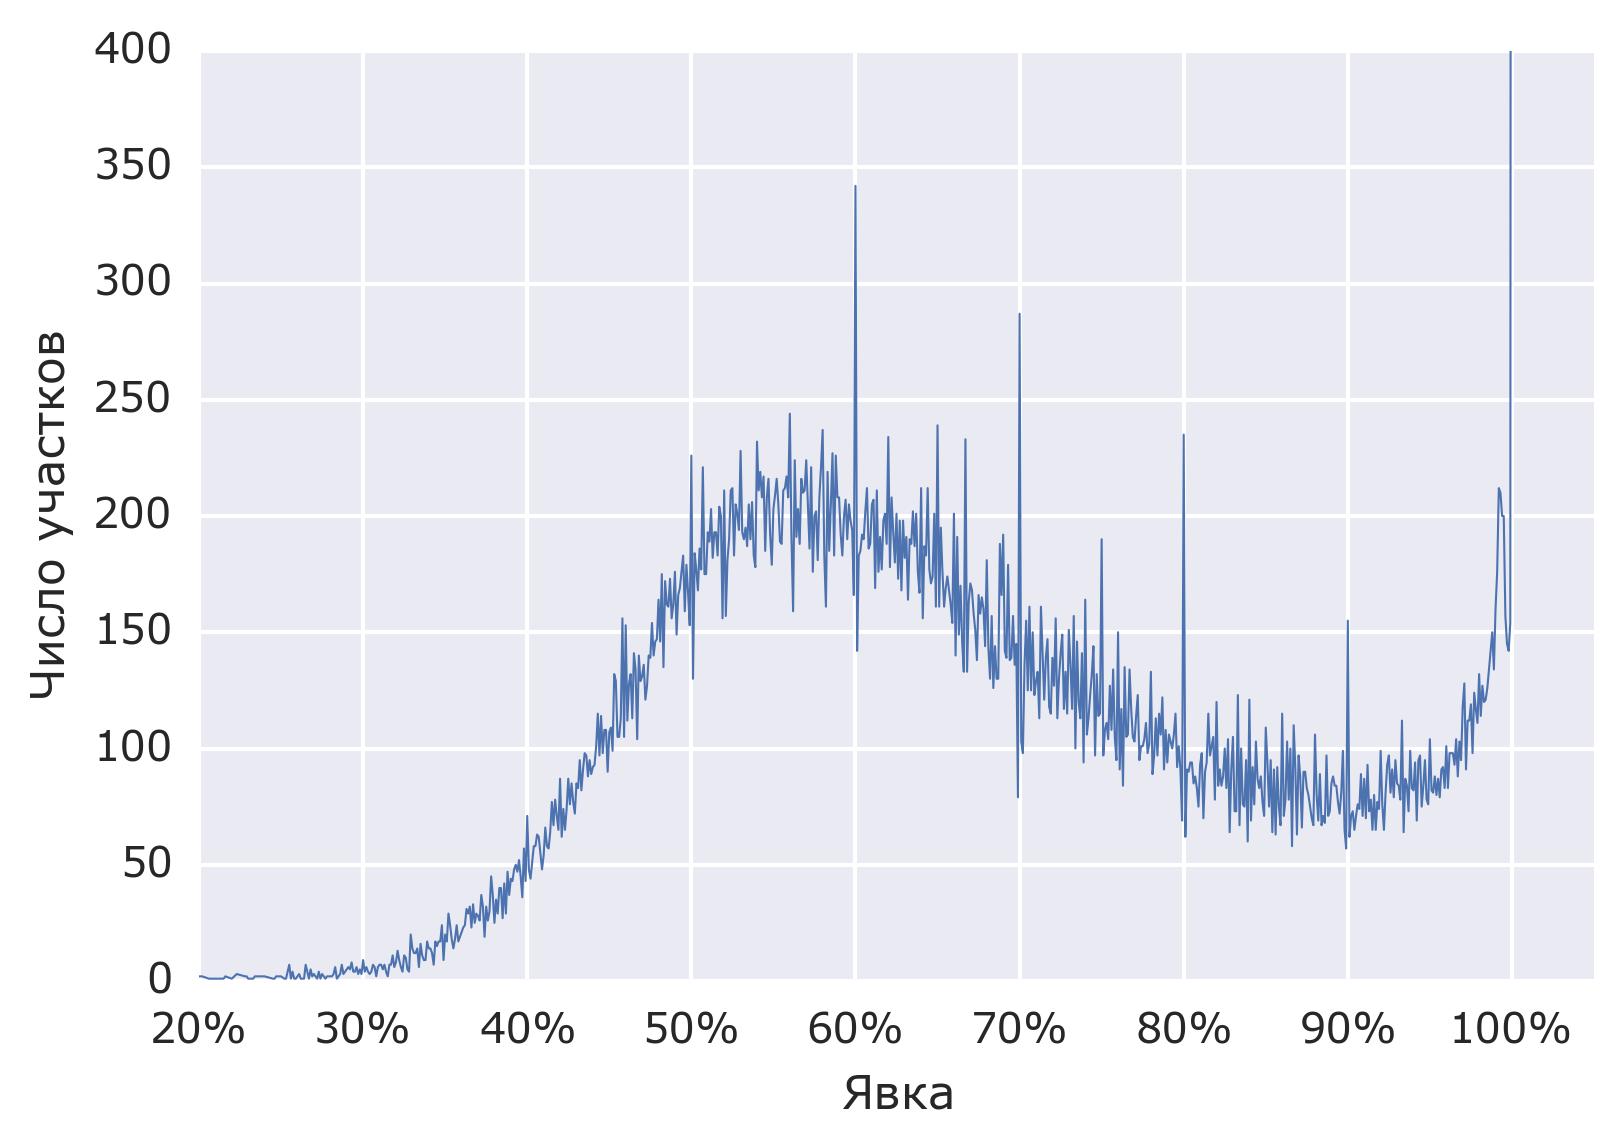 Анализ результатов выборов в Госдуму. Готовимся к голосованию 2016 года - 6